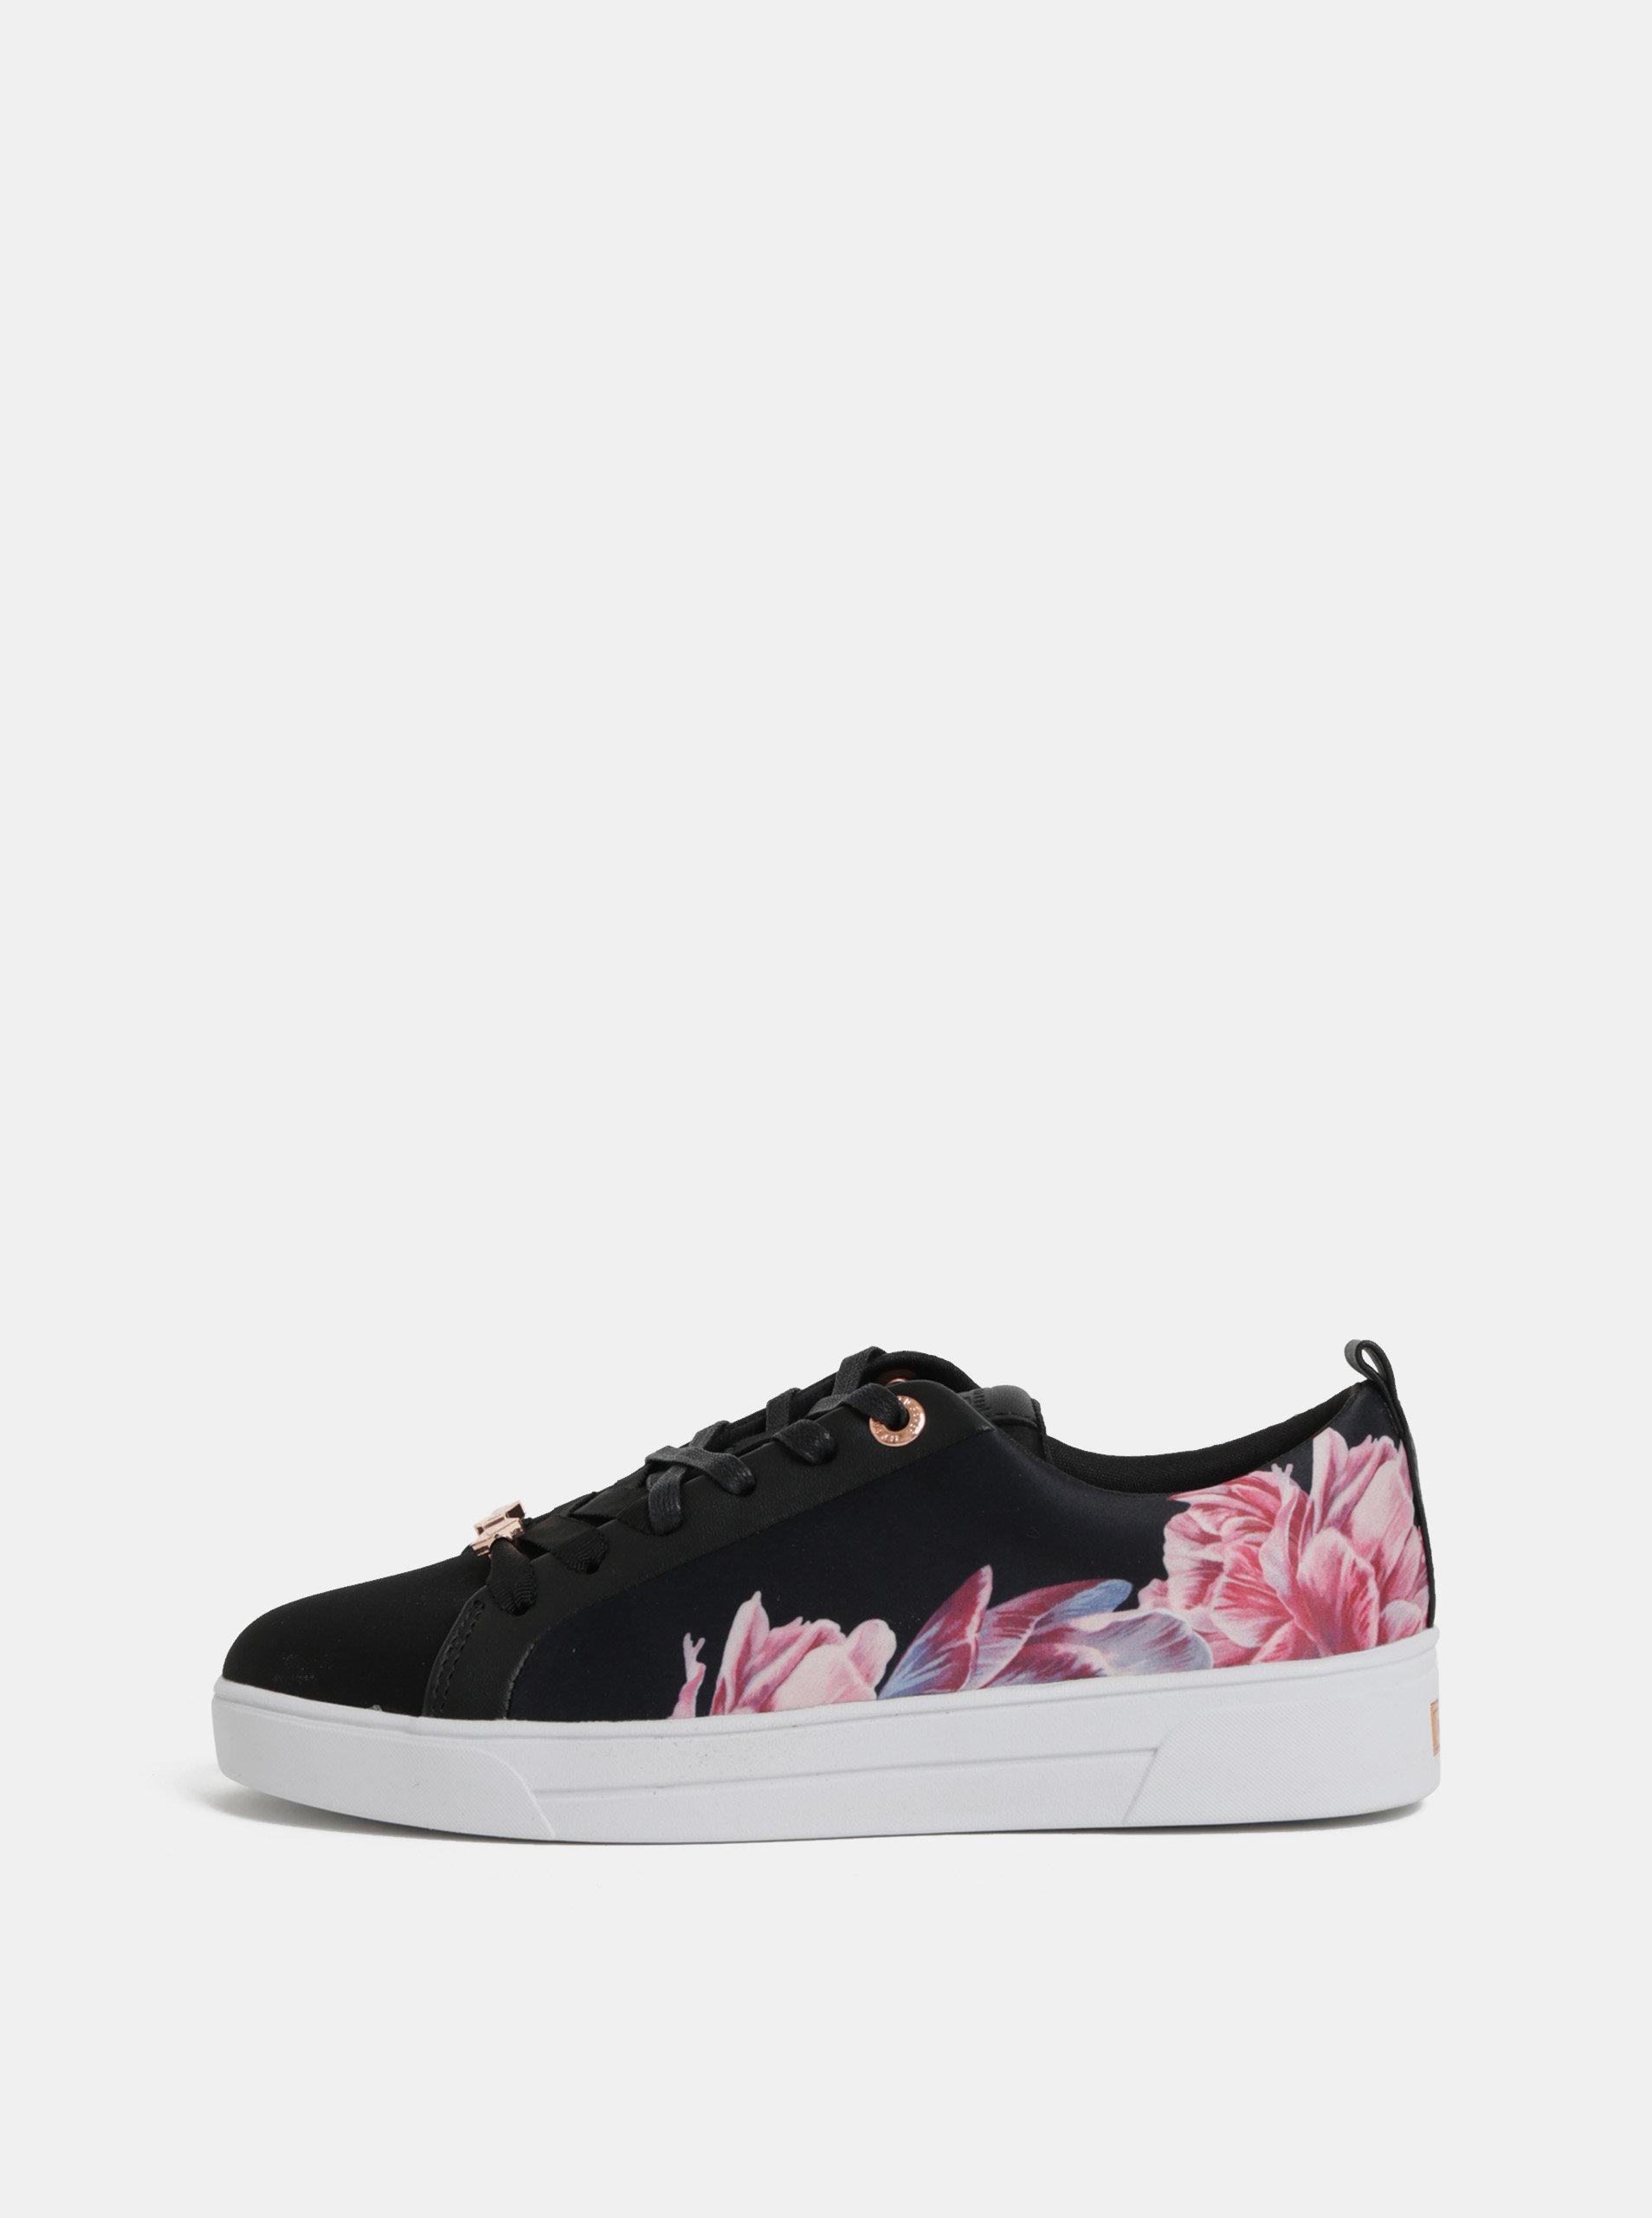 Ružovo–čierne dámske kvetované tenisky Ted Baker ... 35983a39b69